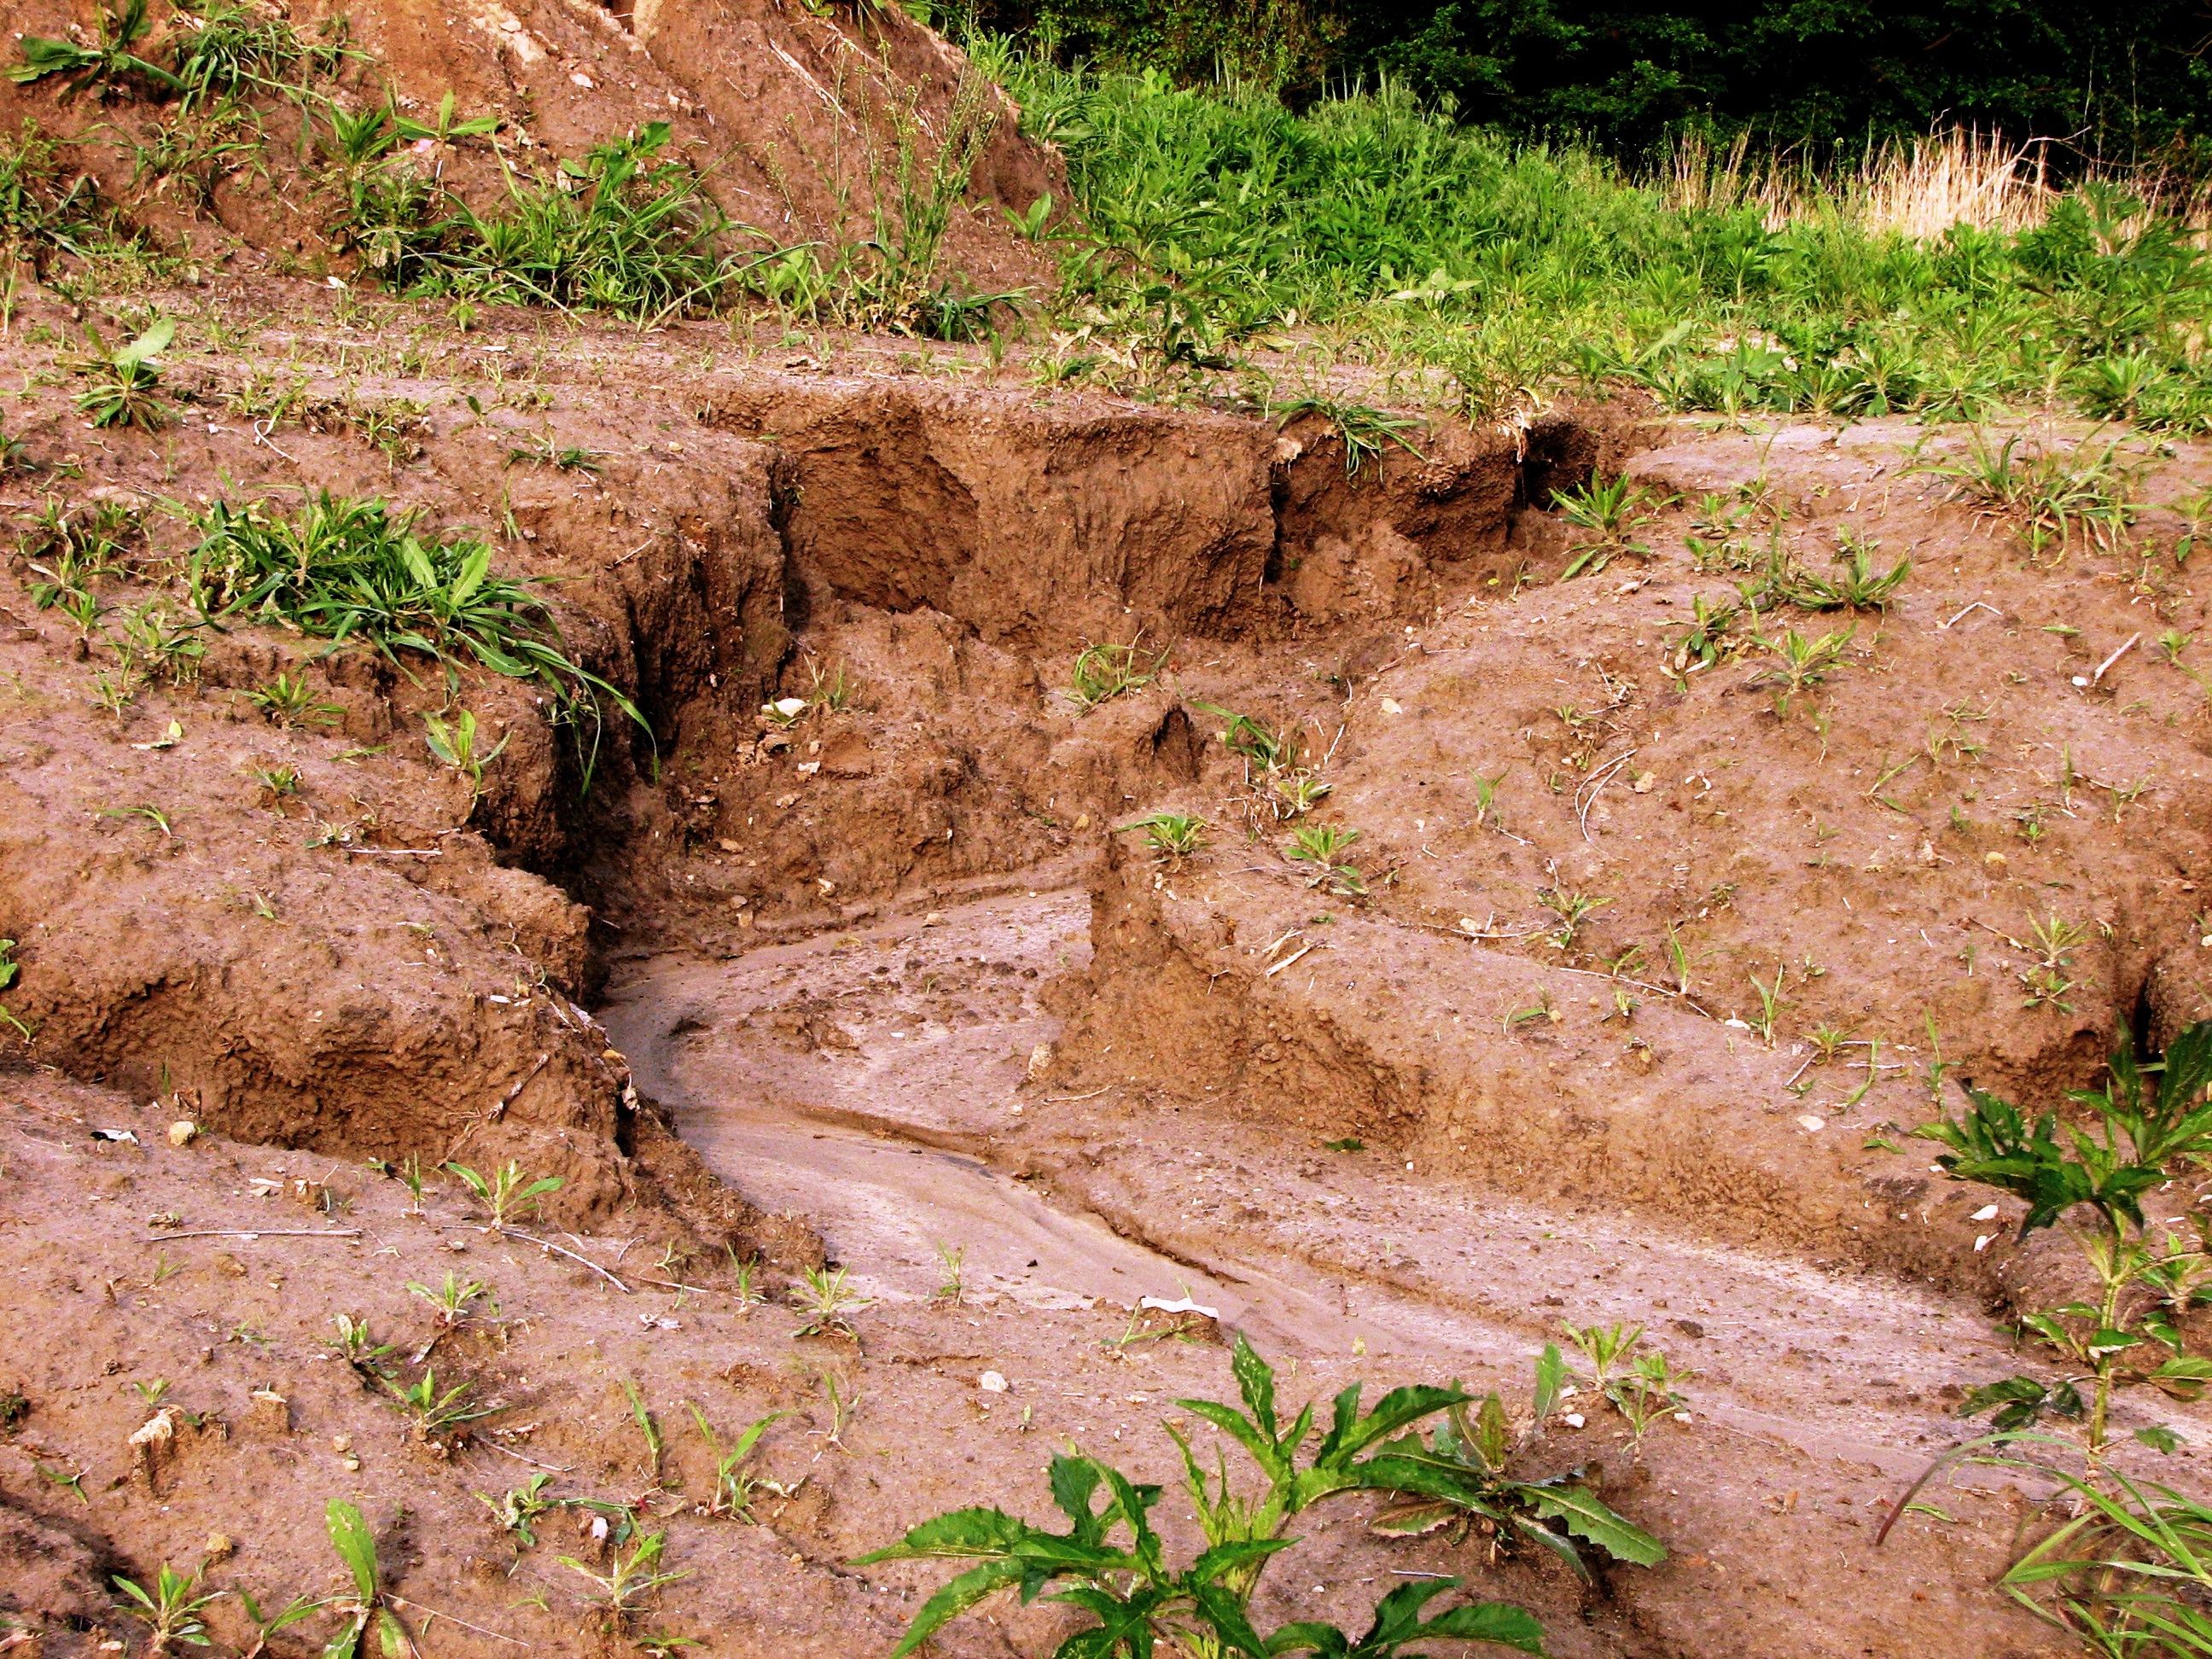 Landnutzung in den tropen for Boden im regenwald